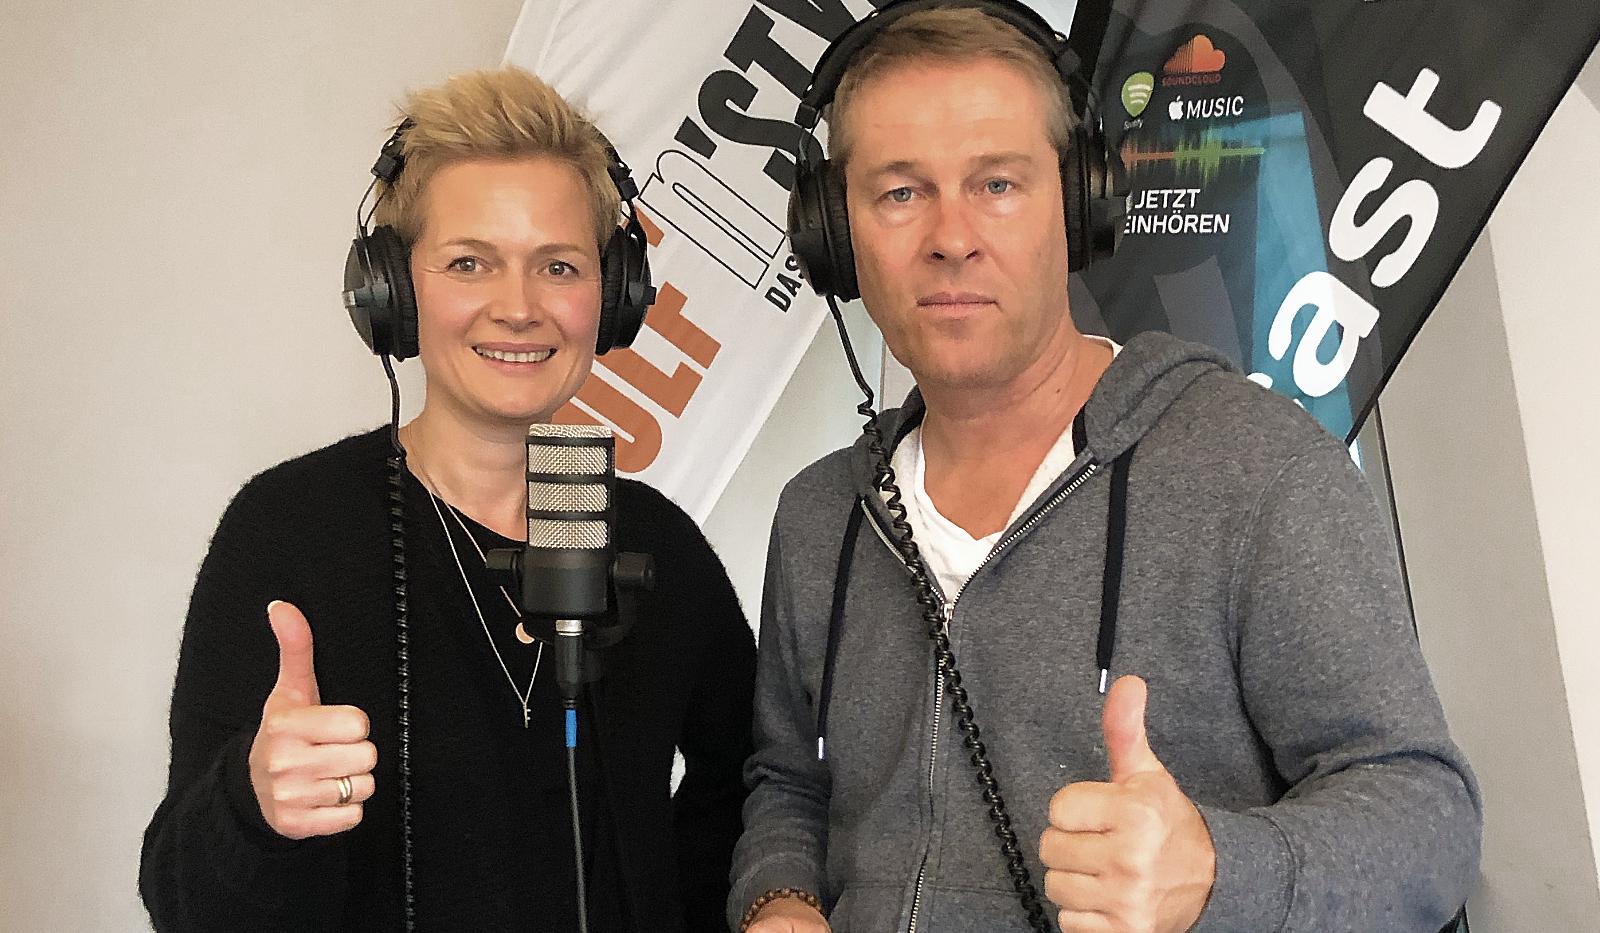 """Podcast Frauke und Hinnerk 2 - Unser neuer Podcast """"Grün & saftig"""""""